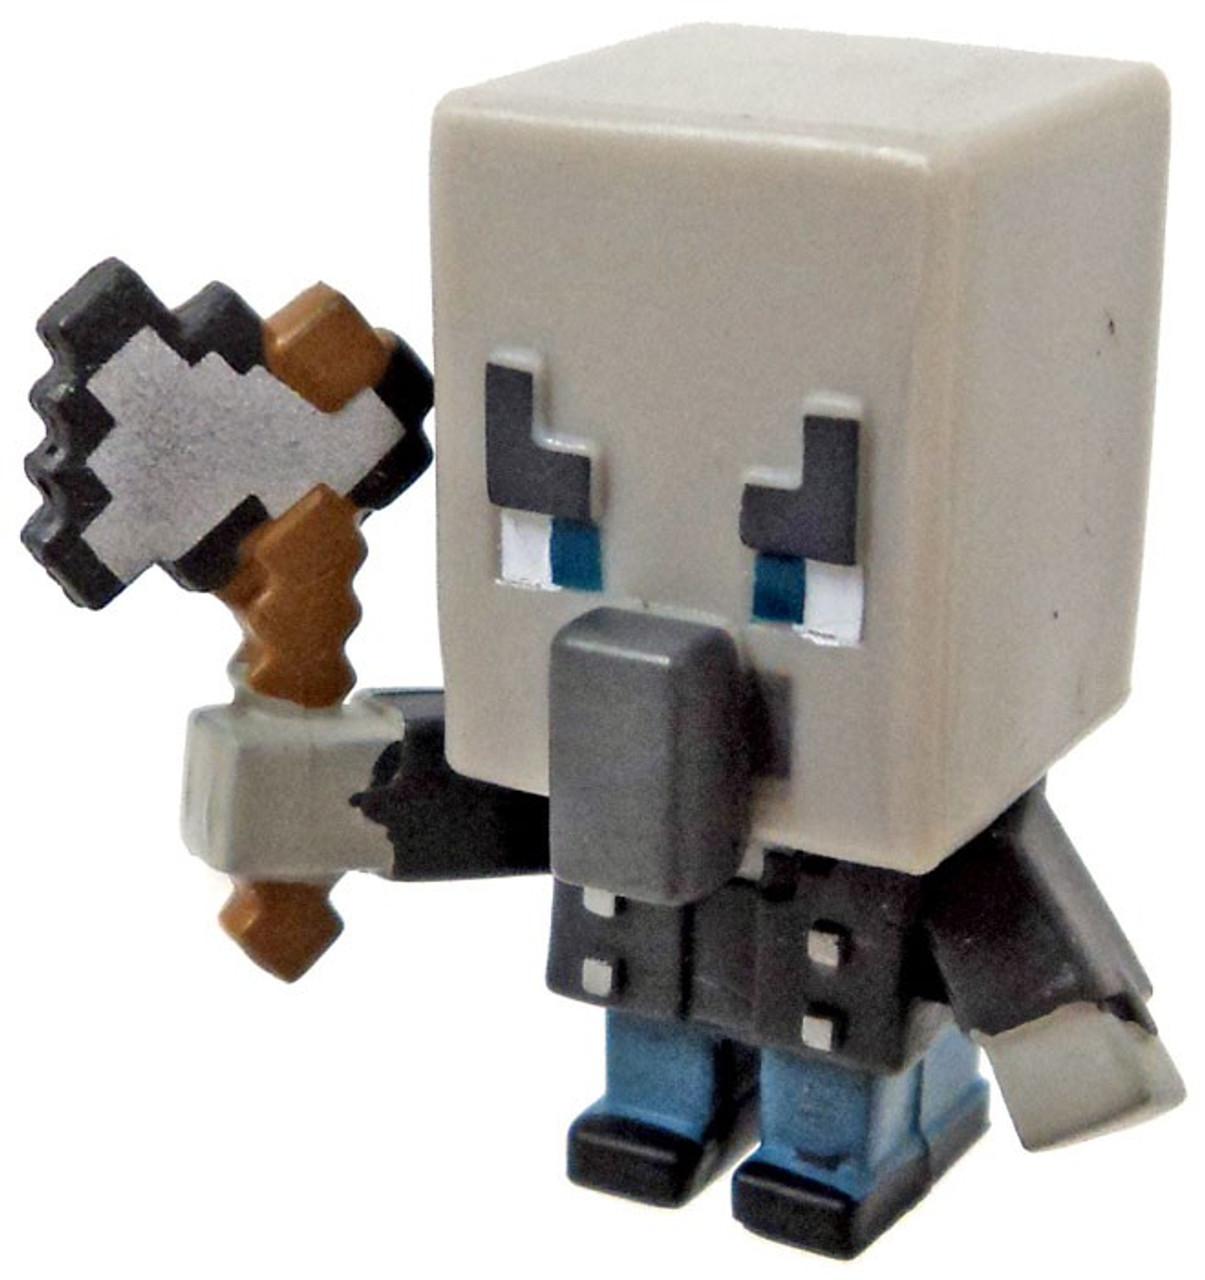 Minecraft Wood Series 10 Vindicator Minifigure Loose Mattel Toys